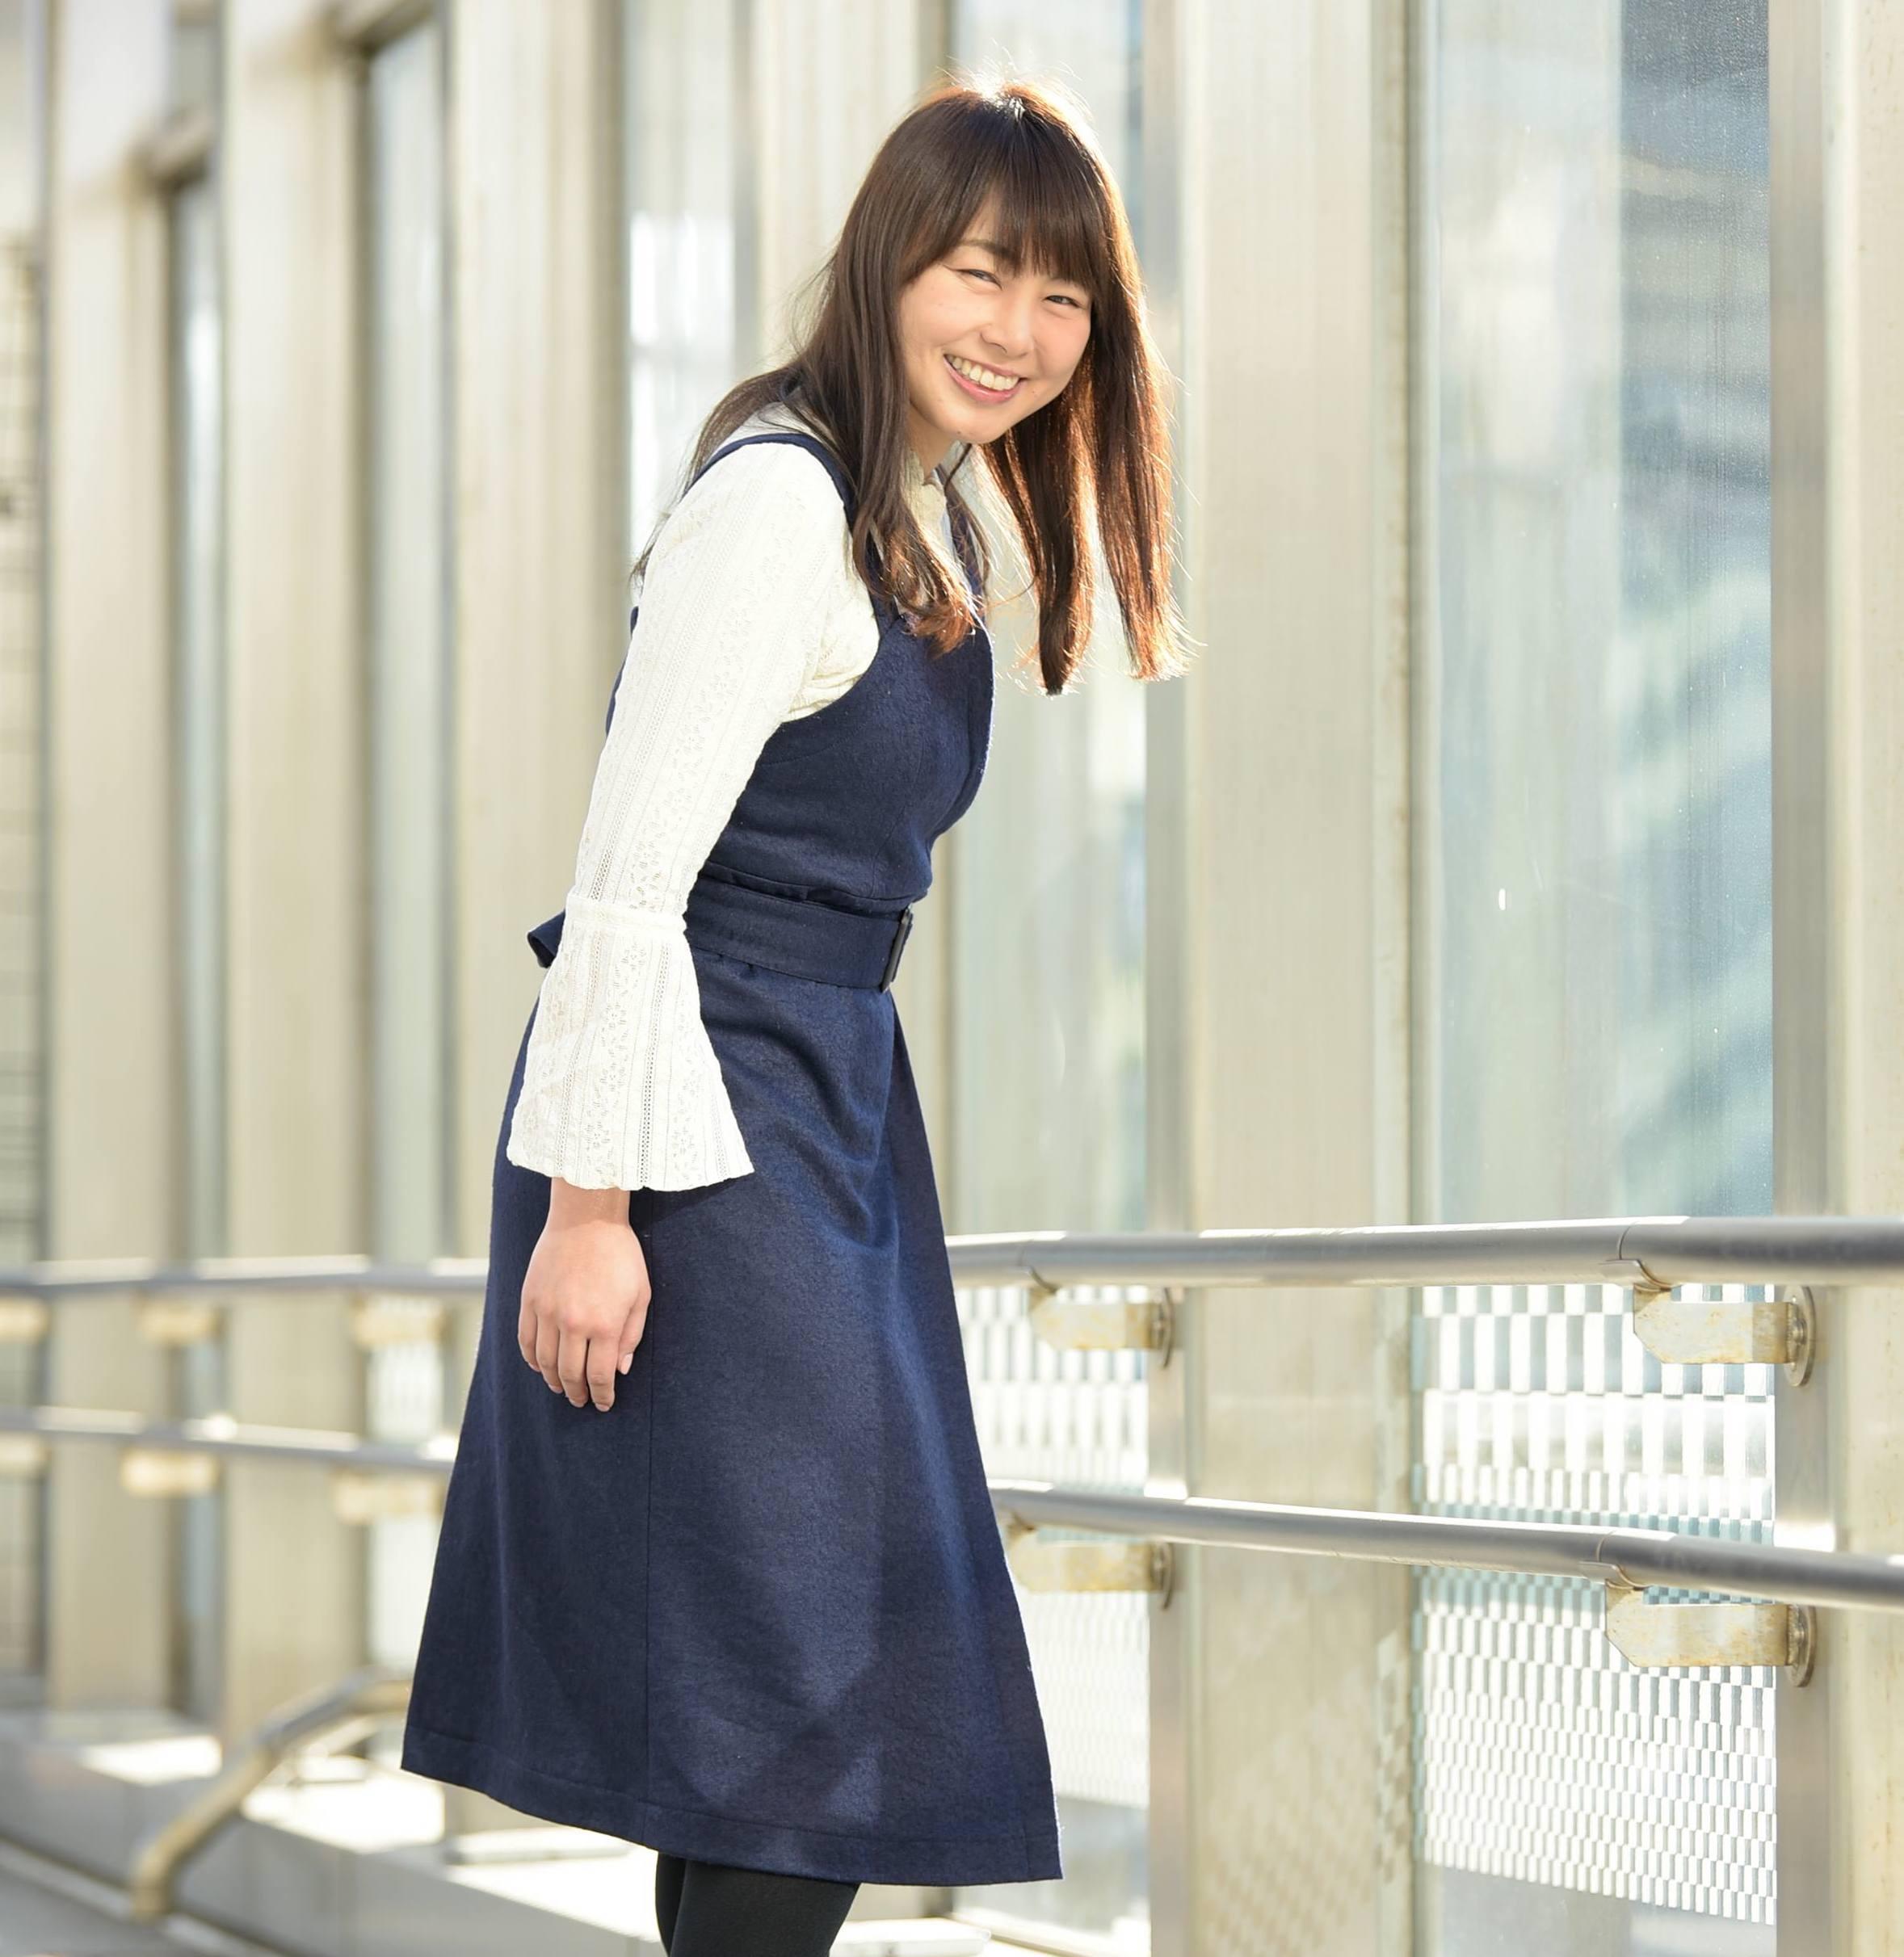 五戸美樹 アナウンサー10周年記念&バースデーイベント〜大きな愛でもてなします〜